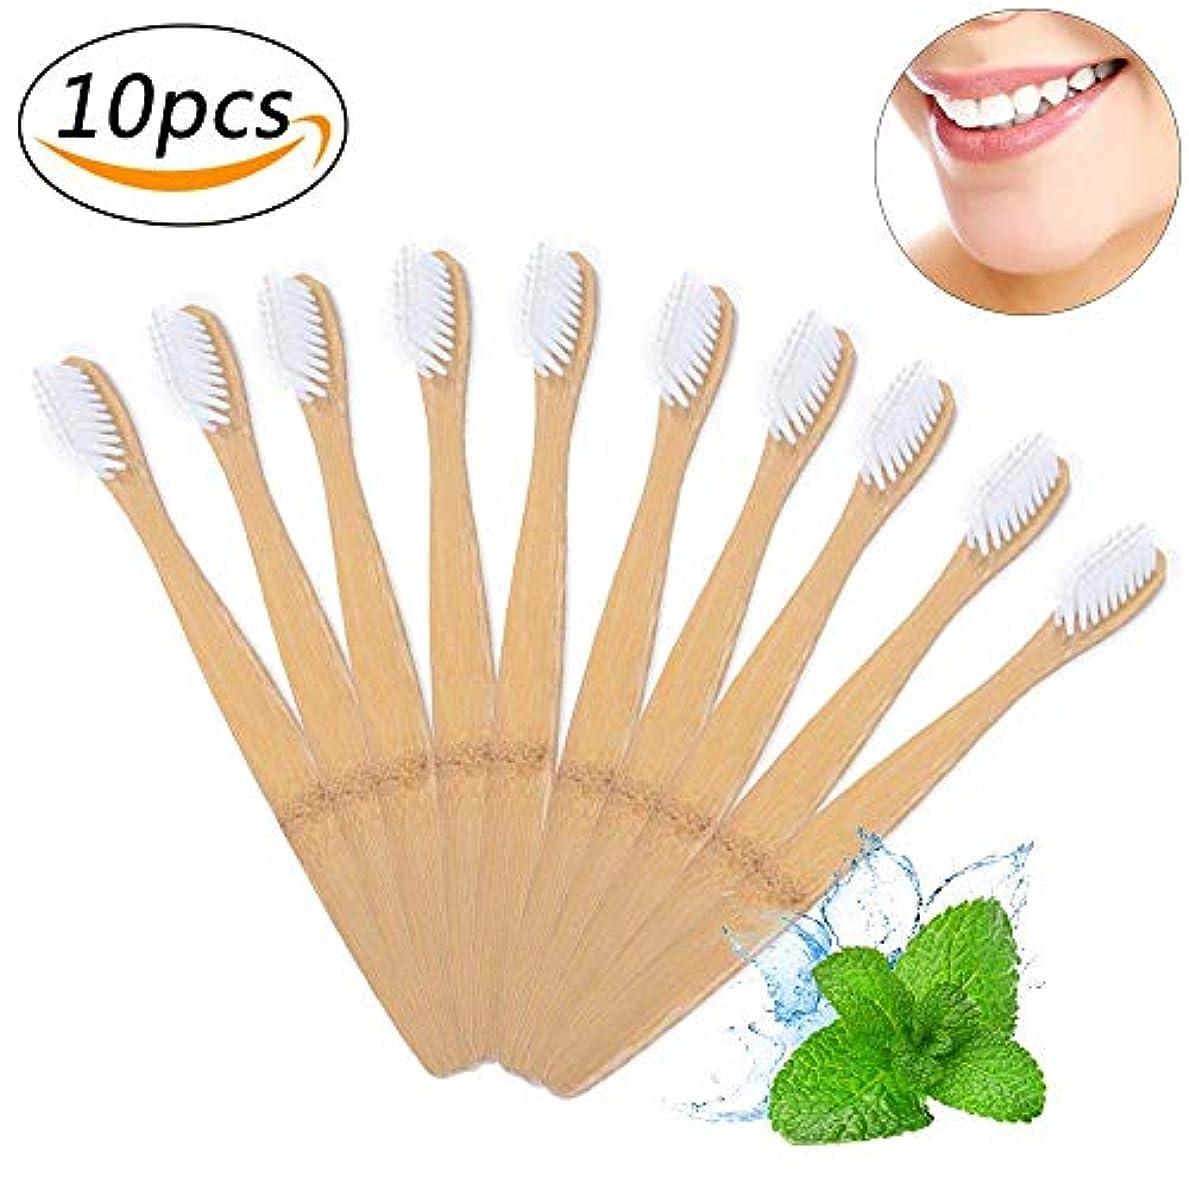 疑問に思う交換発明する竹の歯ブラシ 環境保護の歯ブラシ 柔らかいブラシ 分解性 耐久性 ホワイト 10本入